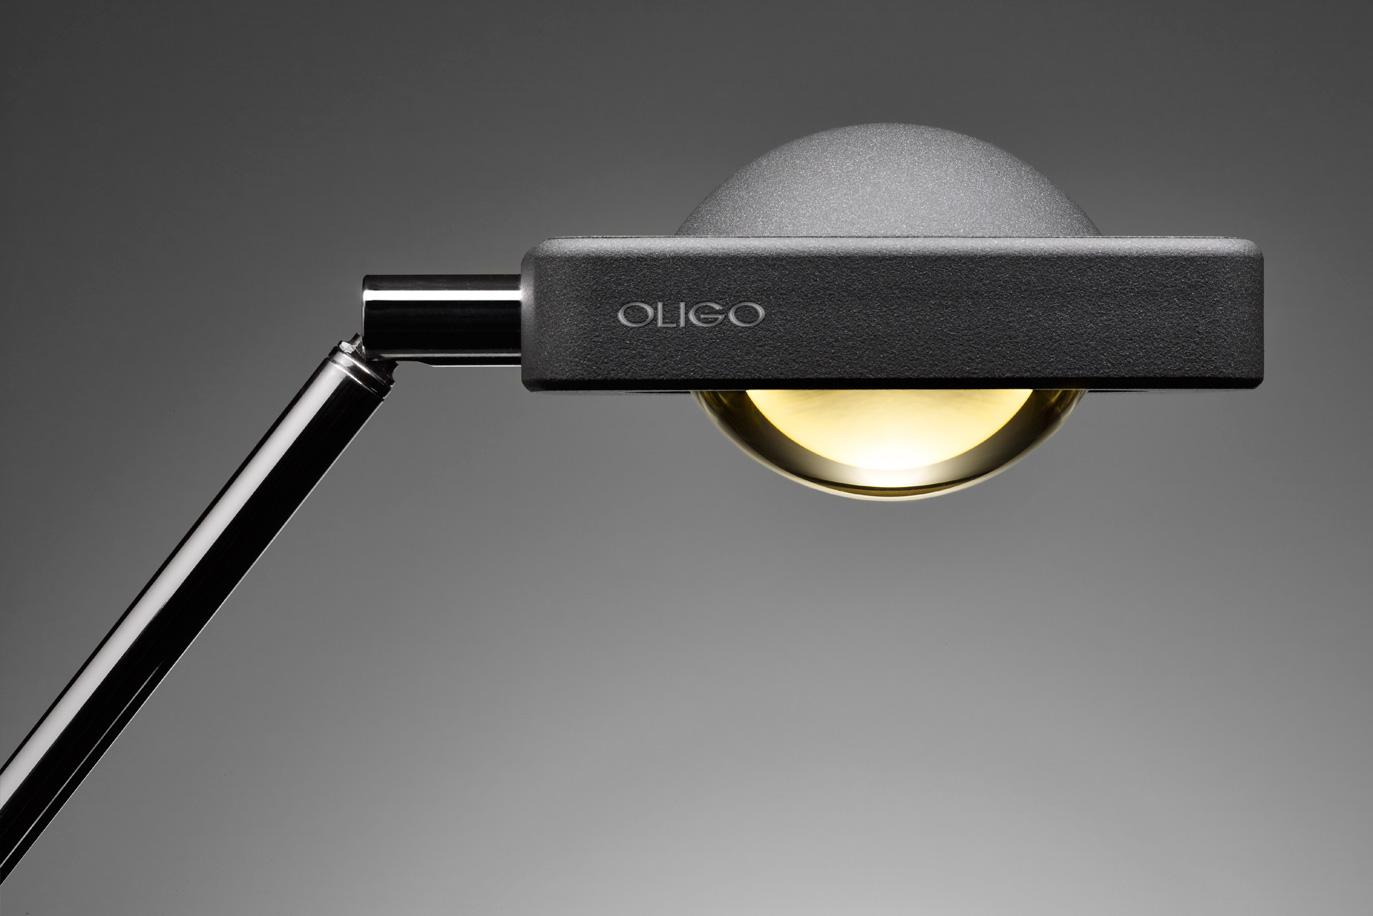 Oligo design lamp